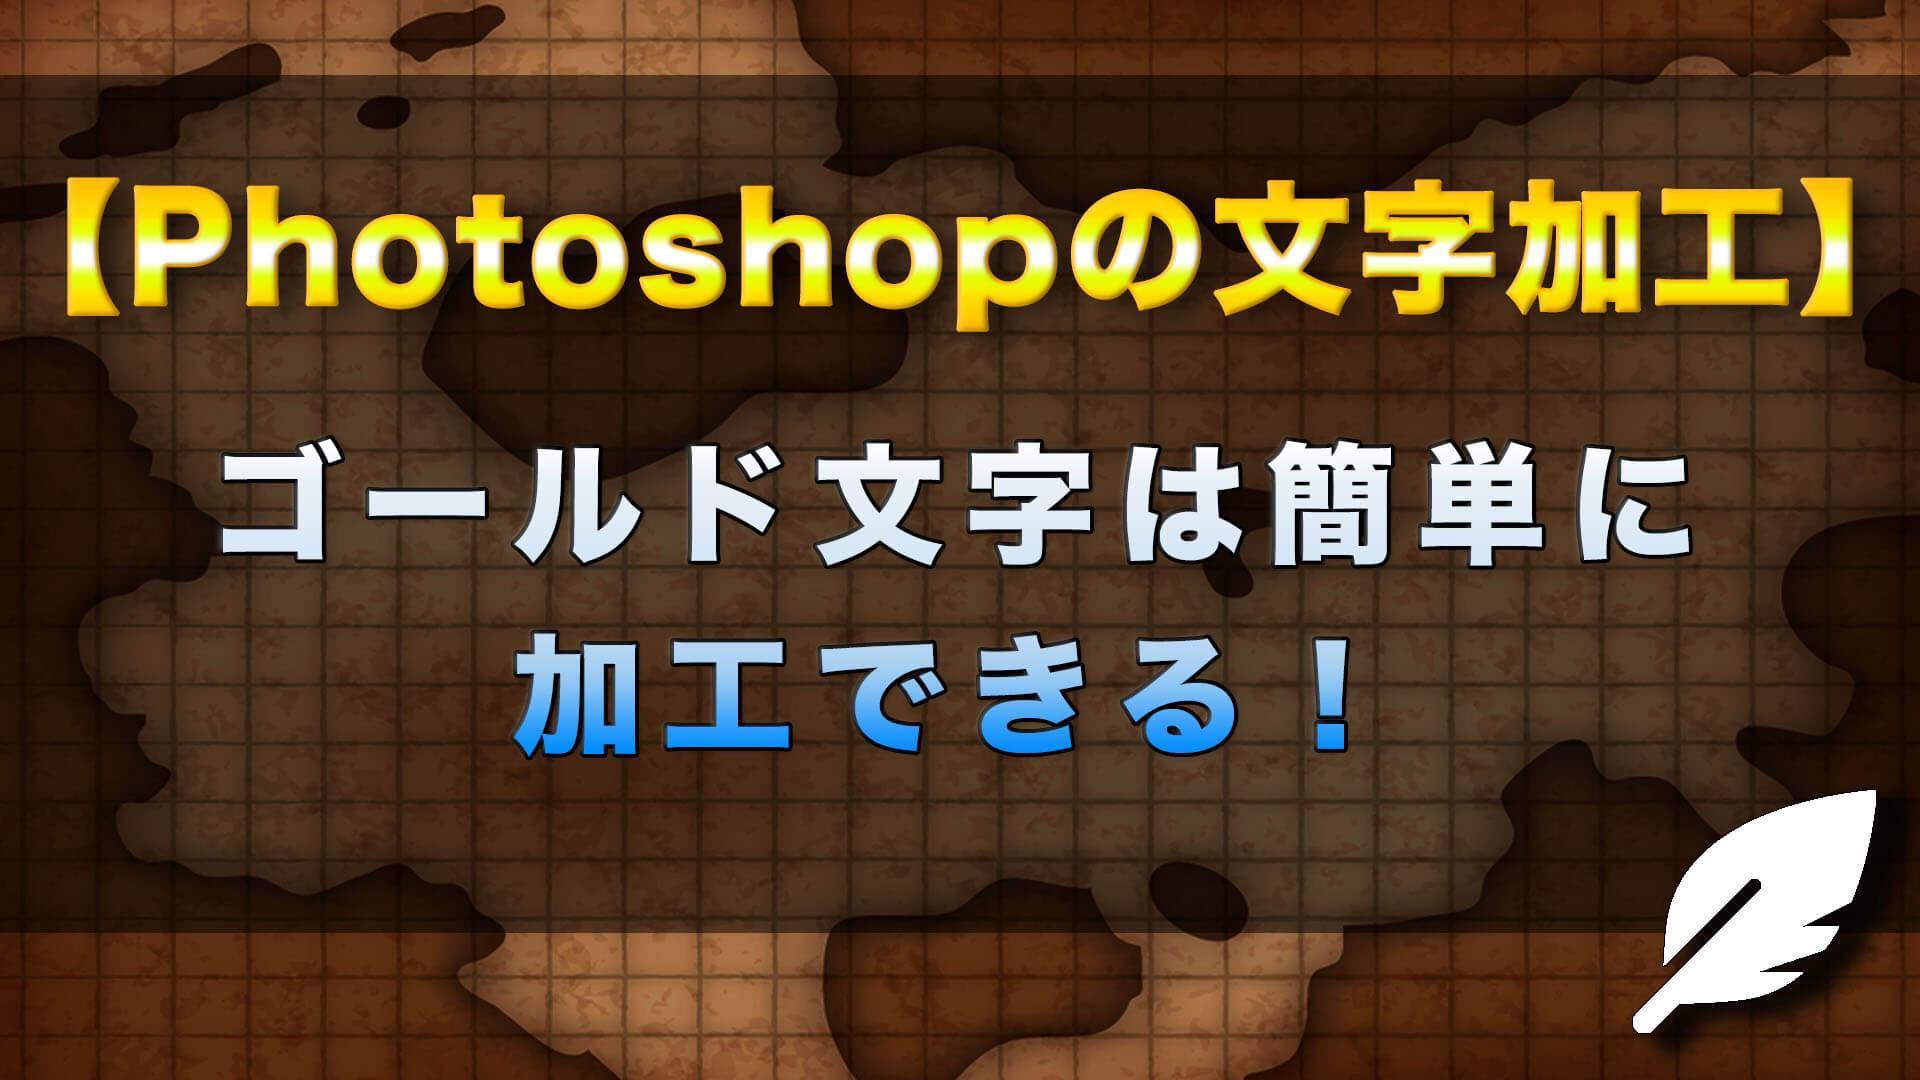 photoshop ゴールド 文字18